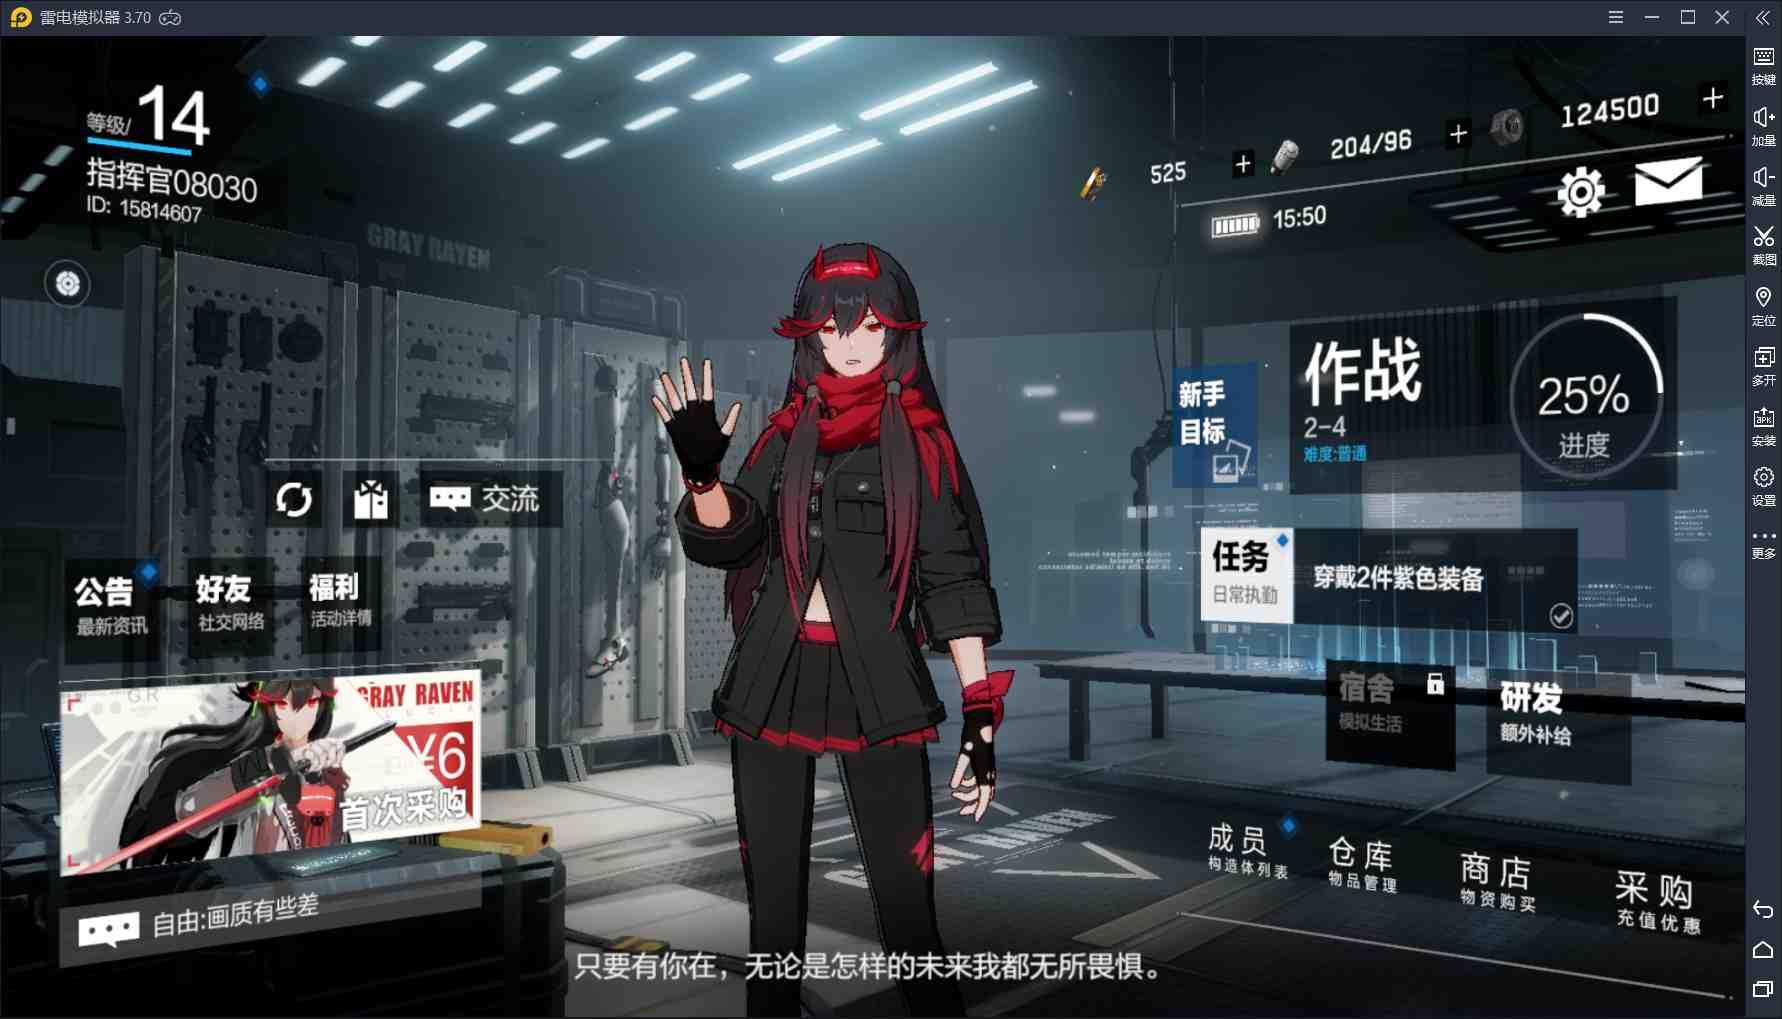 【战双帕弥什】:又来了,科幻末世题材的美少女战斗手游